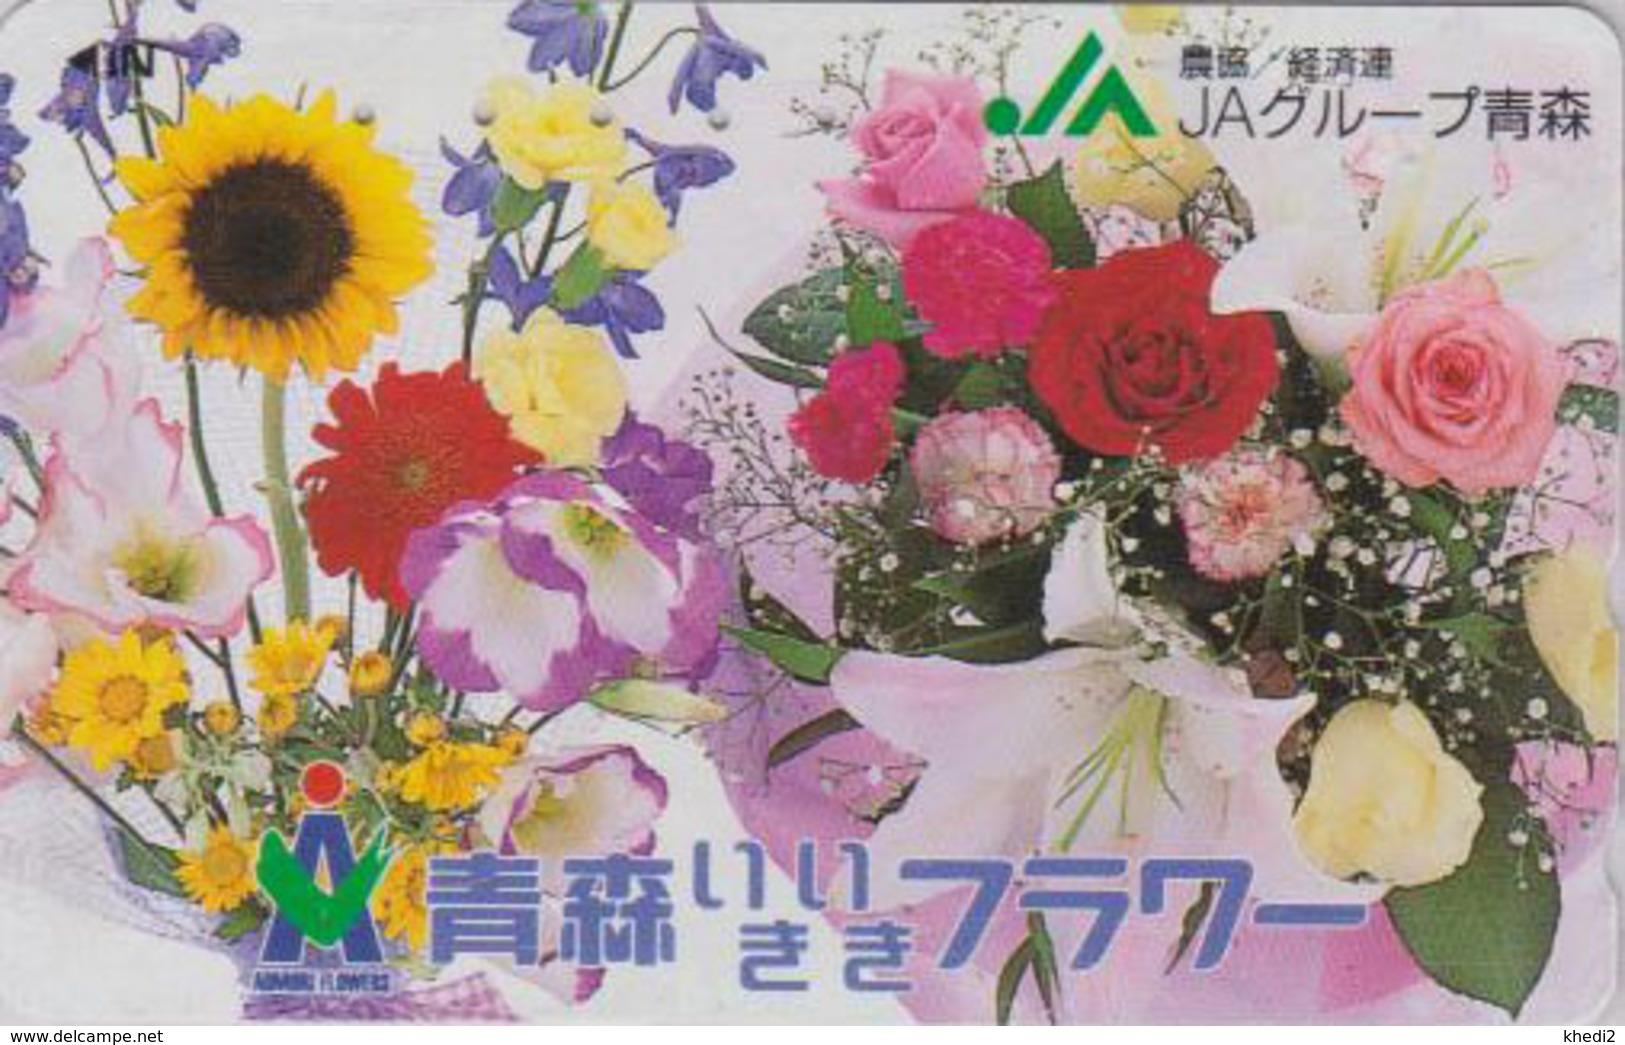 Télécarte Japon / 410-21425 - Fleur - TOURNESOL ROSE LYS ARUM OEILLET - Fllower Japan Phonecard ** JA **  - 2417 - Fleurs